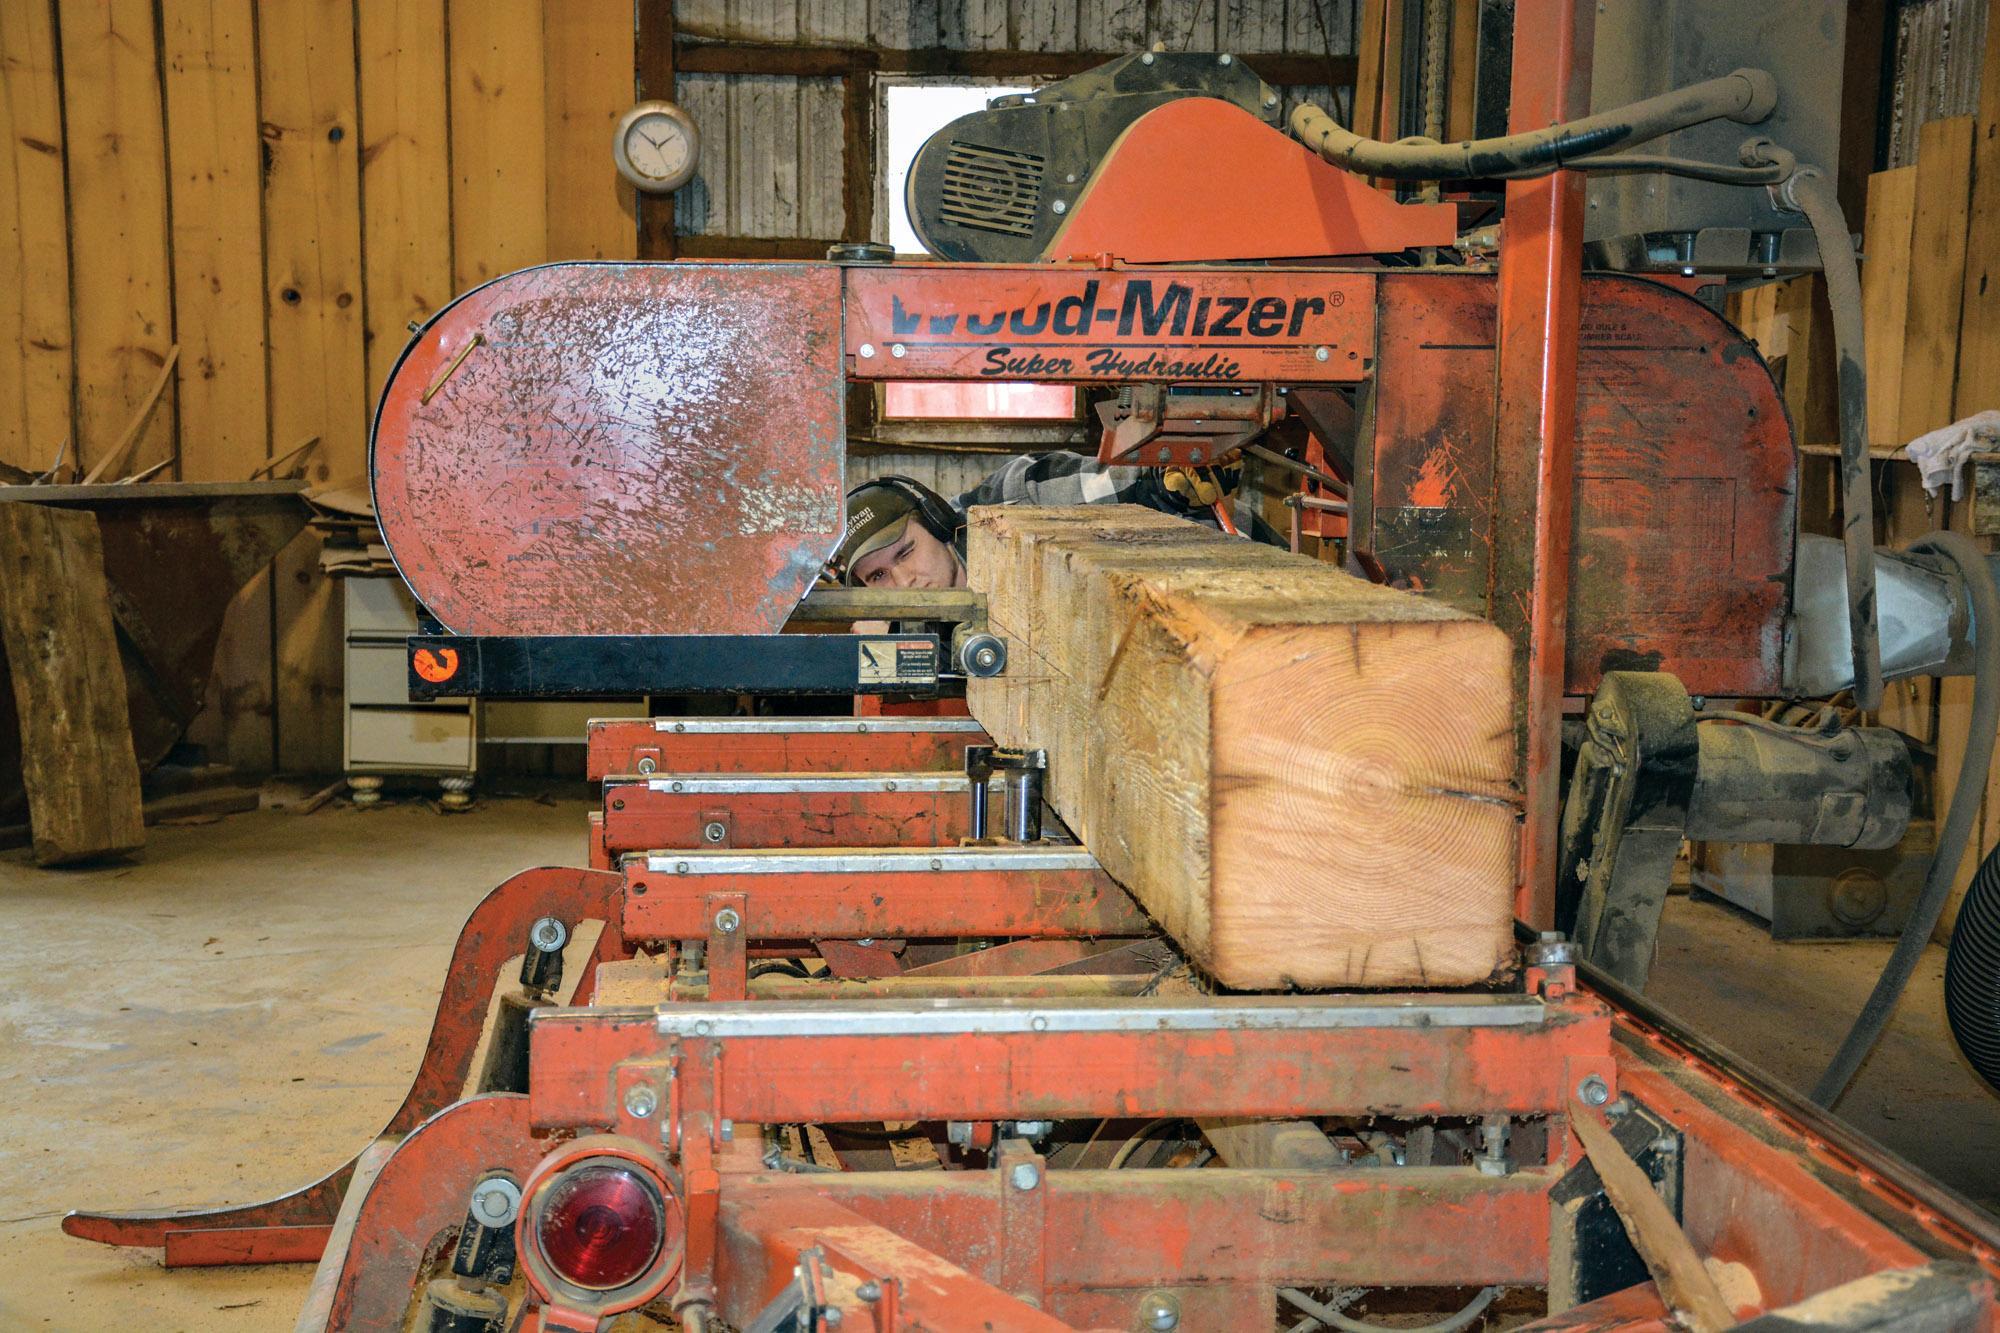 saw cutting through wood beam